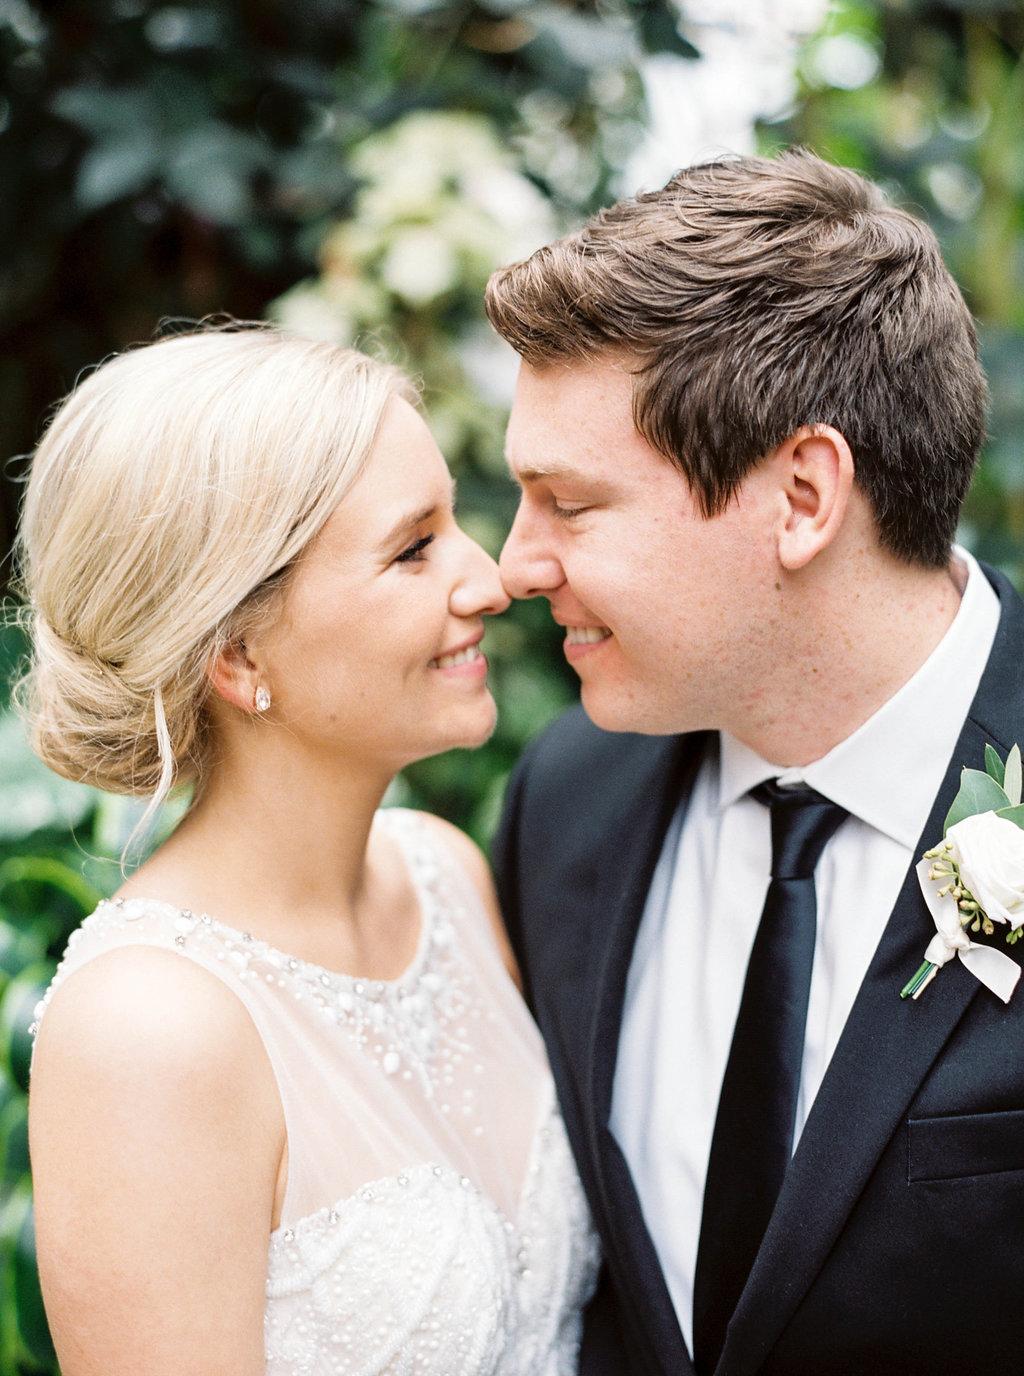 wedding photographer ohio columbus DMV chicago nashville